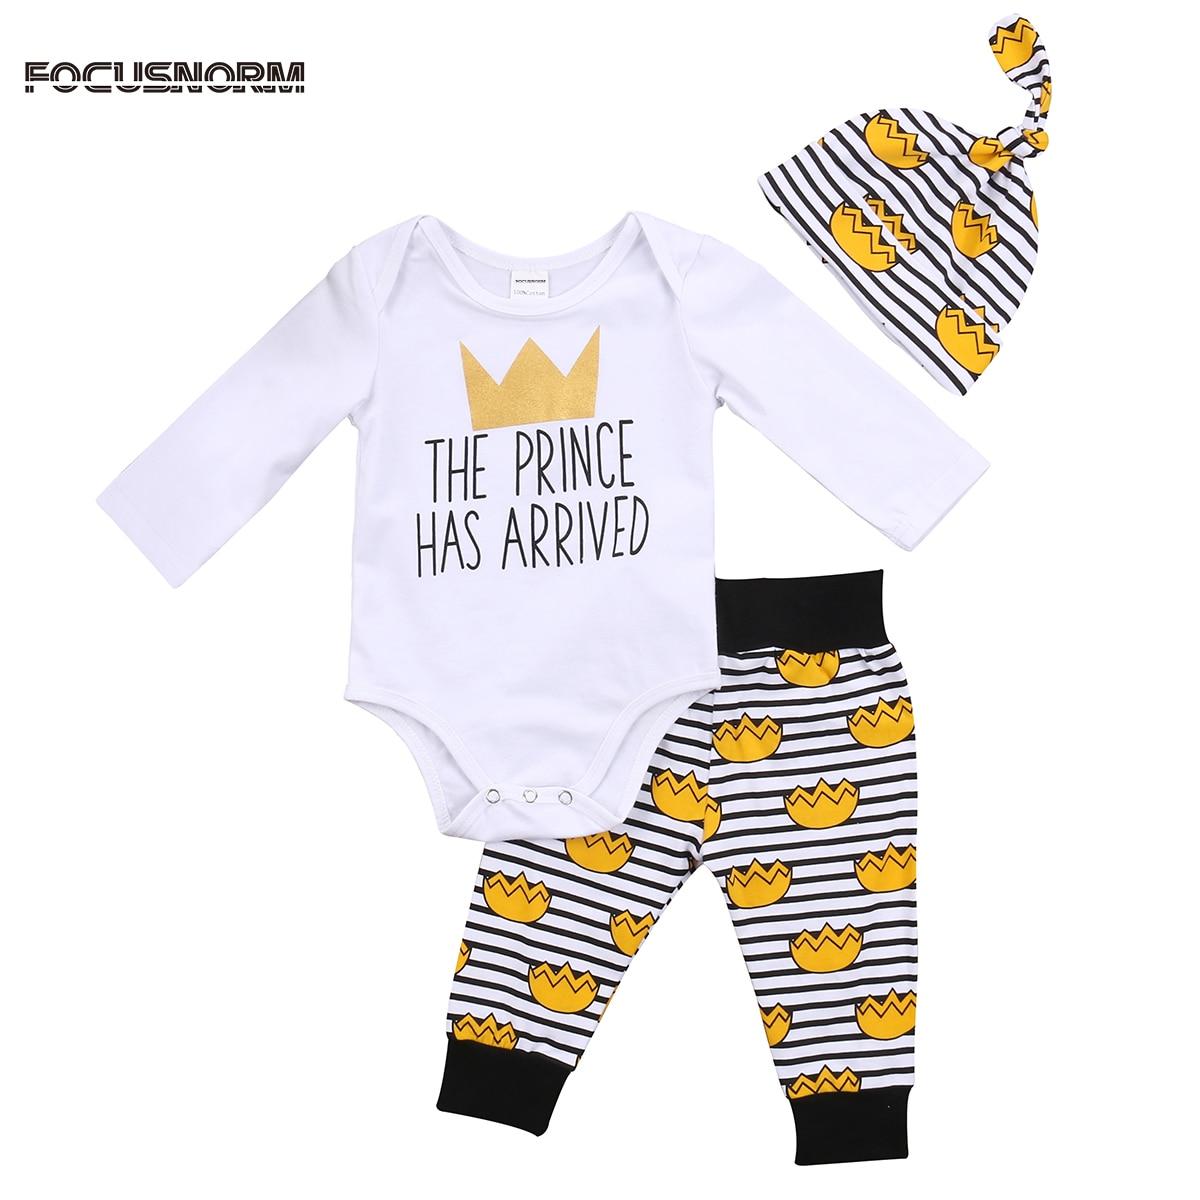 3 шт. милый для маленьких мальчиков принц комбинезон комбинезон, костюм Брюки для девочек Одежда для младенцев и новорожденных комплект оде...